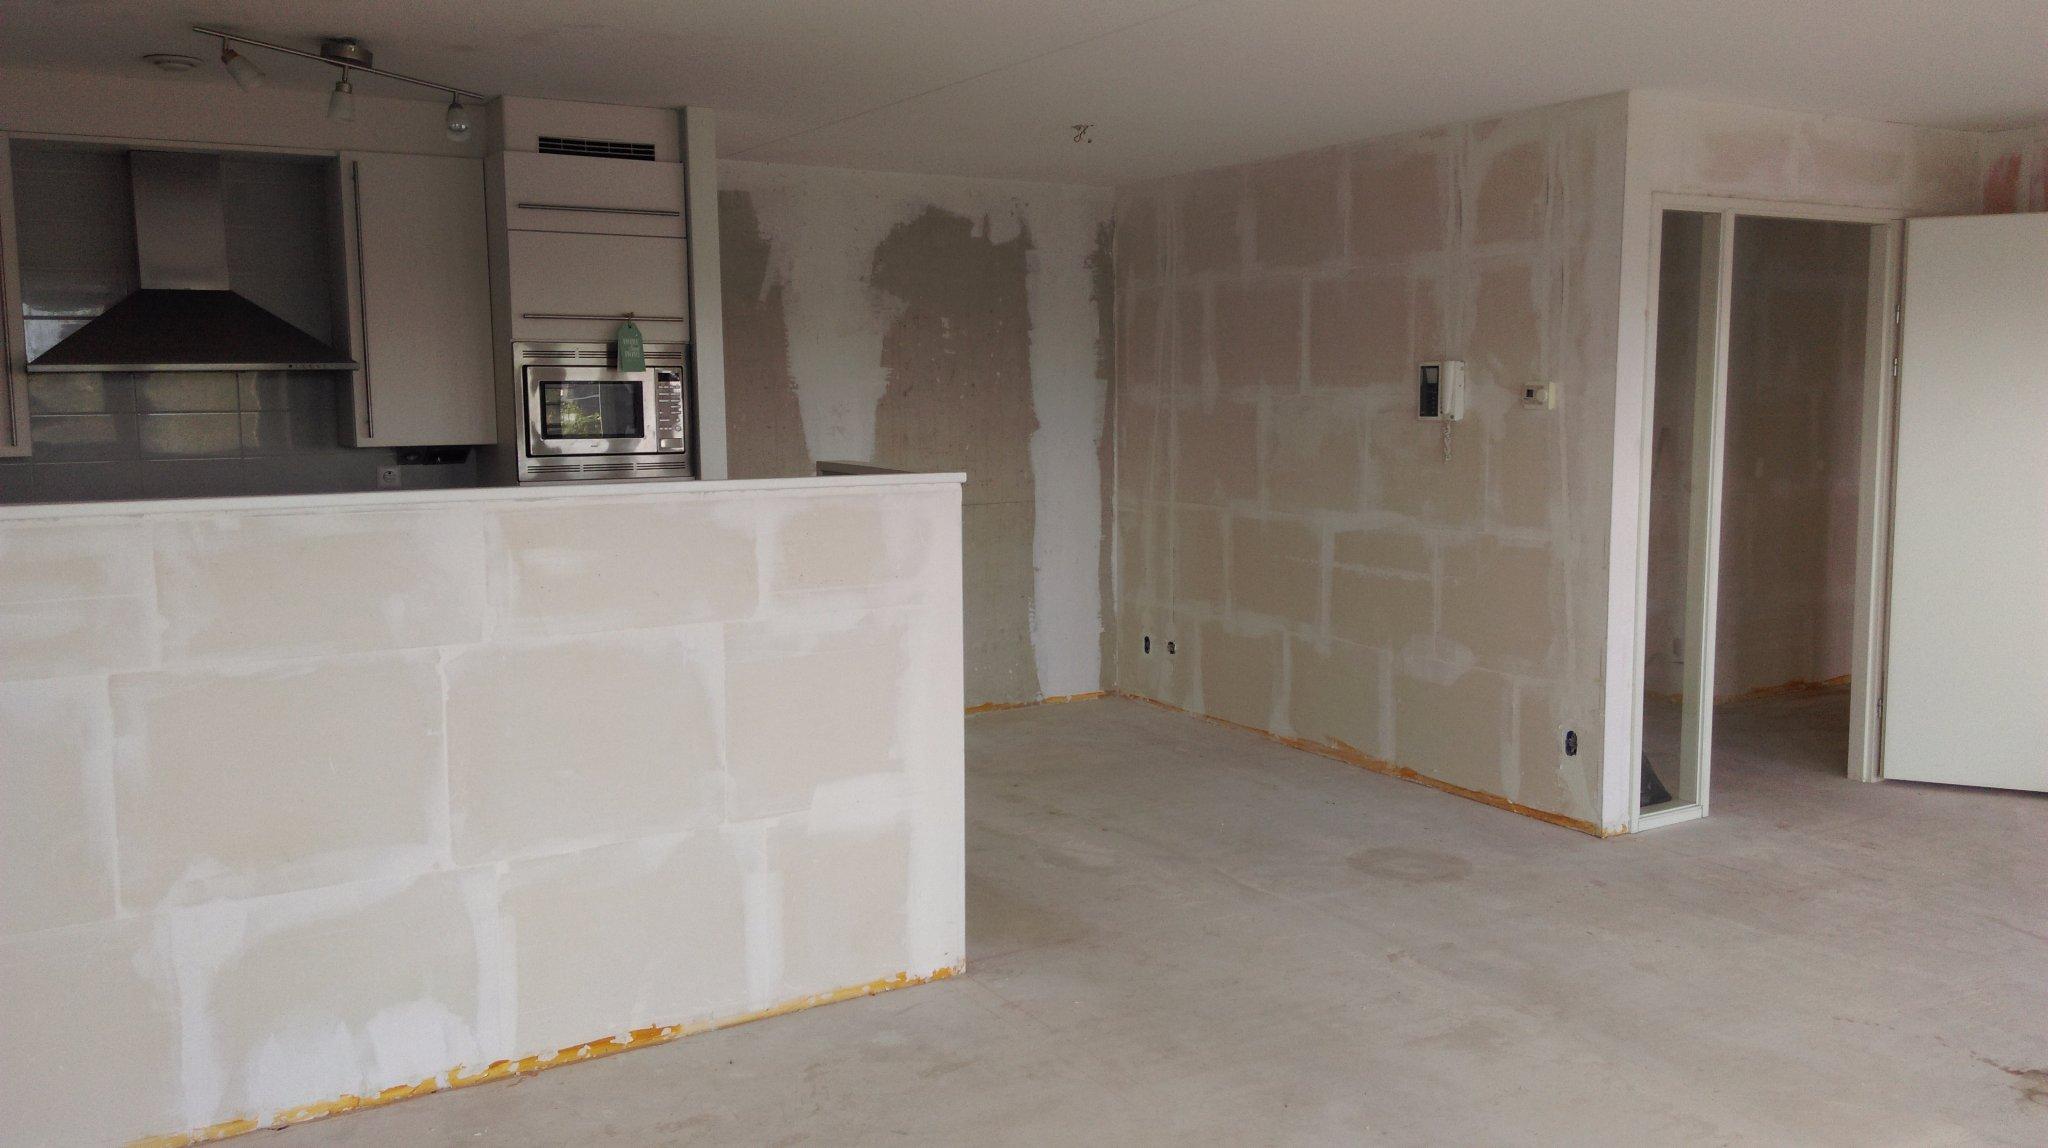 Behangen | 140 m2 vliesbehang op betonnen en gipsblokken wanden ...